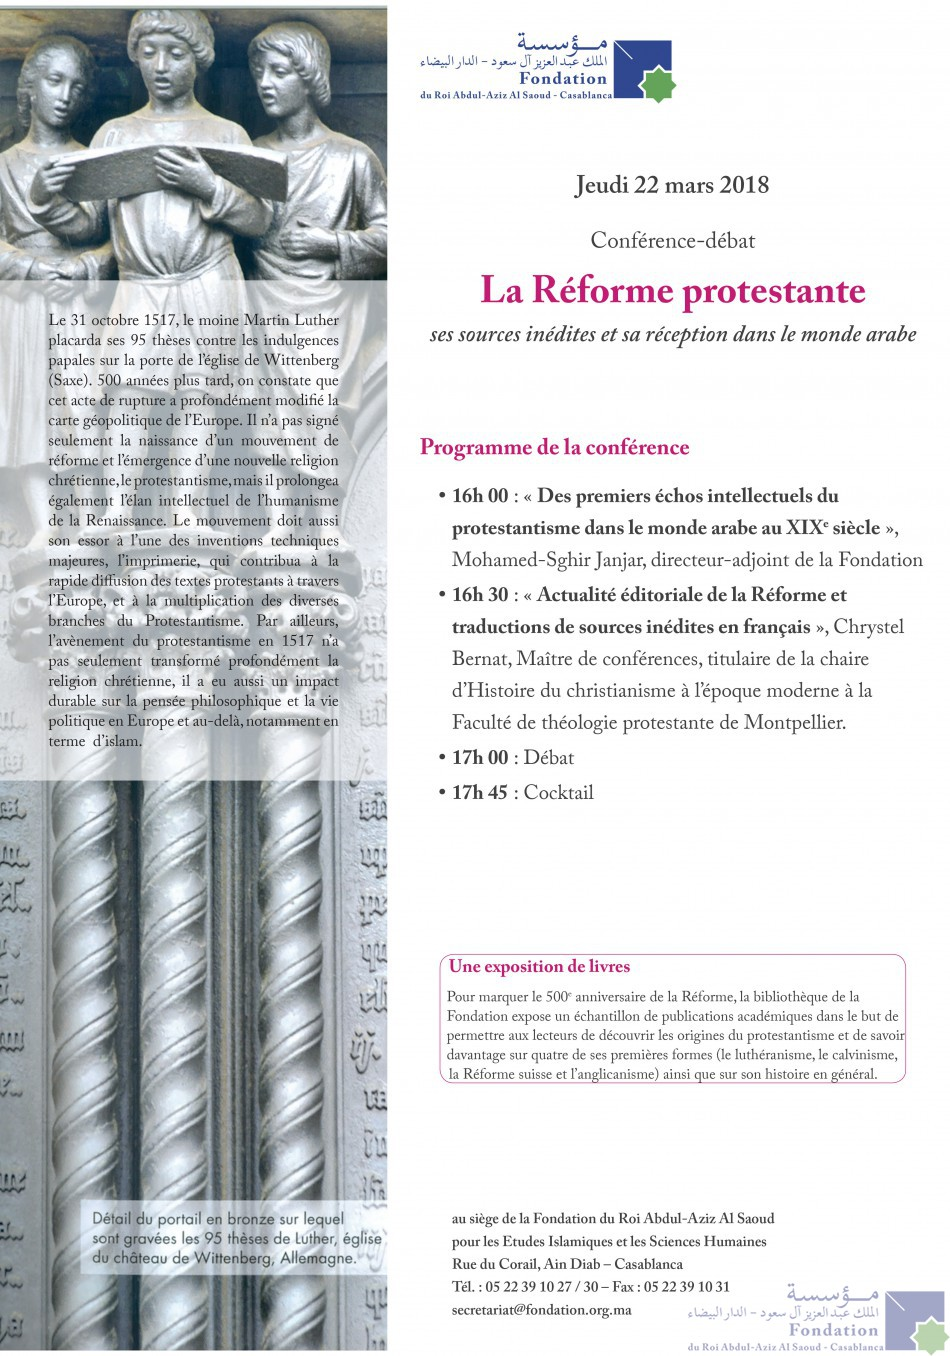 Conférence-débat La Réforme protestante ses sources inédites et sa réception dans le monde arabe